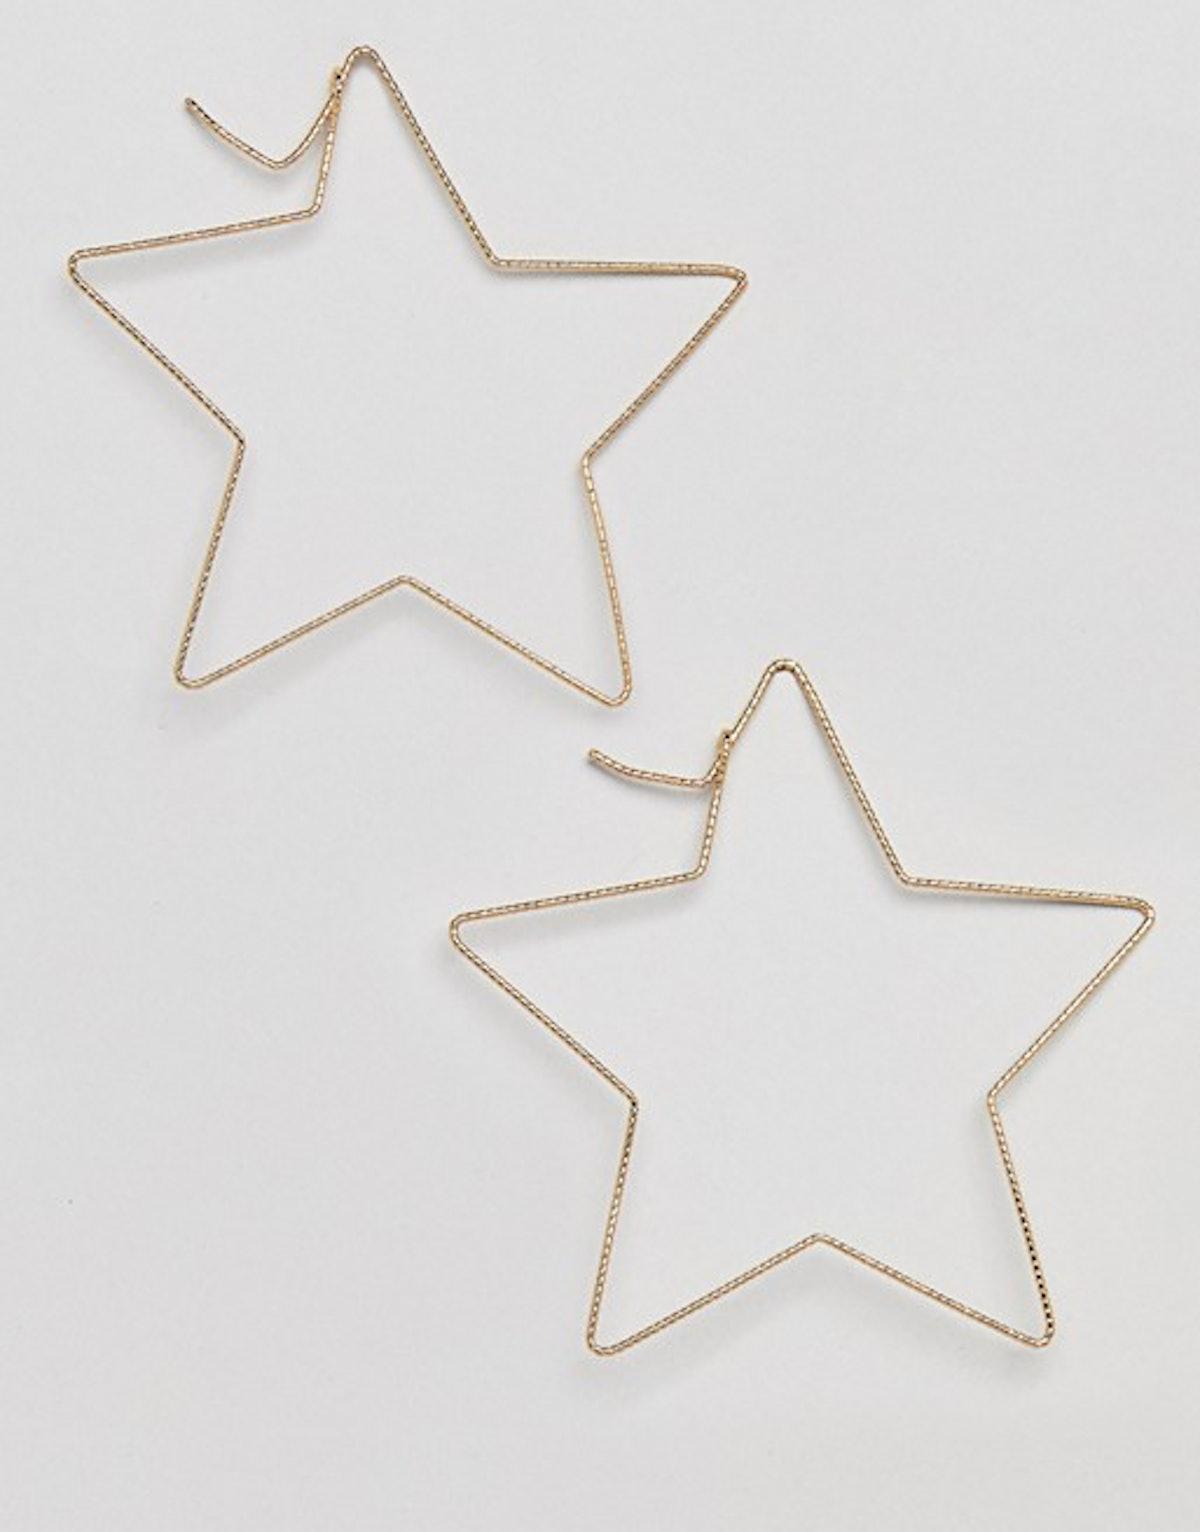 Liars & Lovers Oversized Diamond Cut Star Hoop Earrings